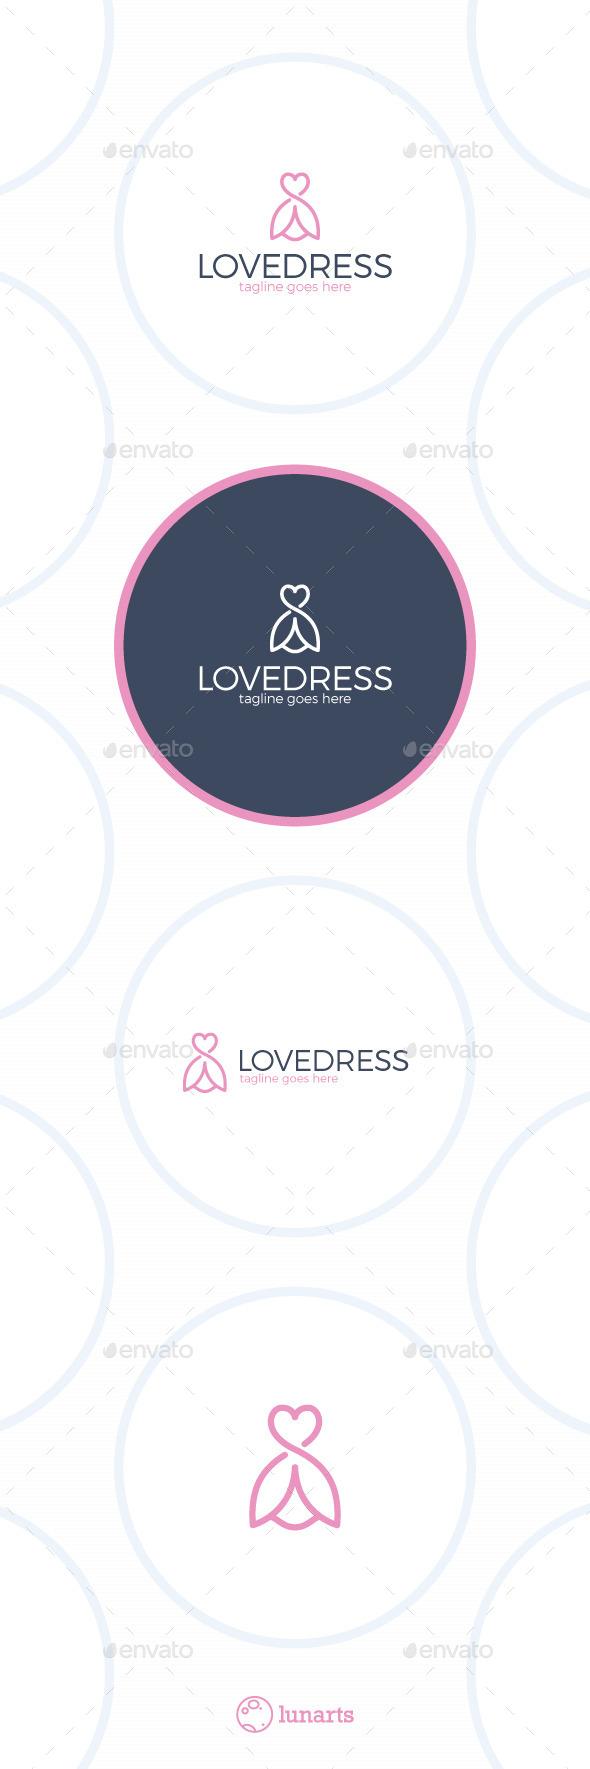 Love Dress Logo - Flower Line